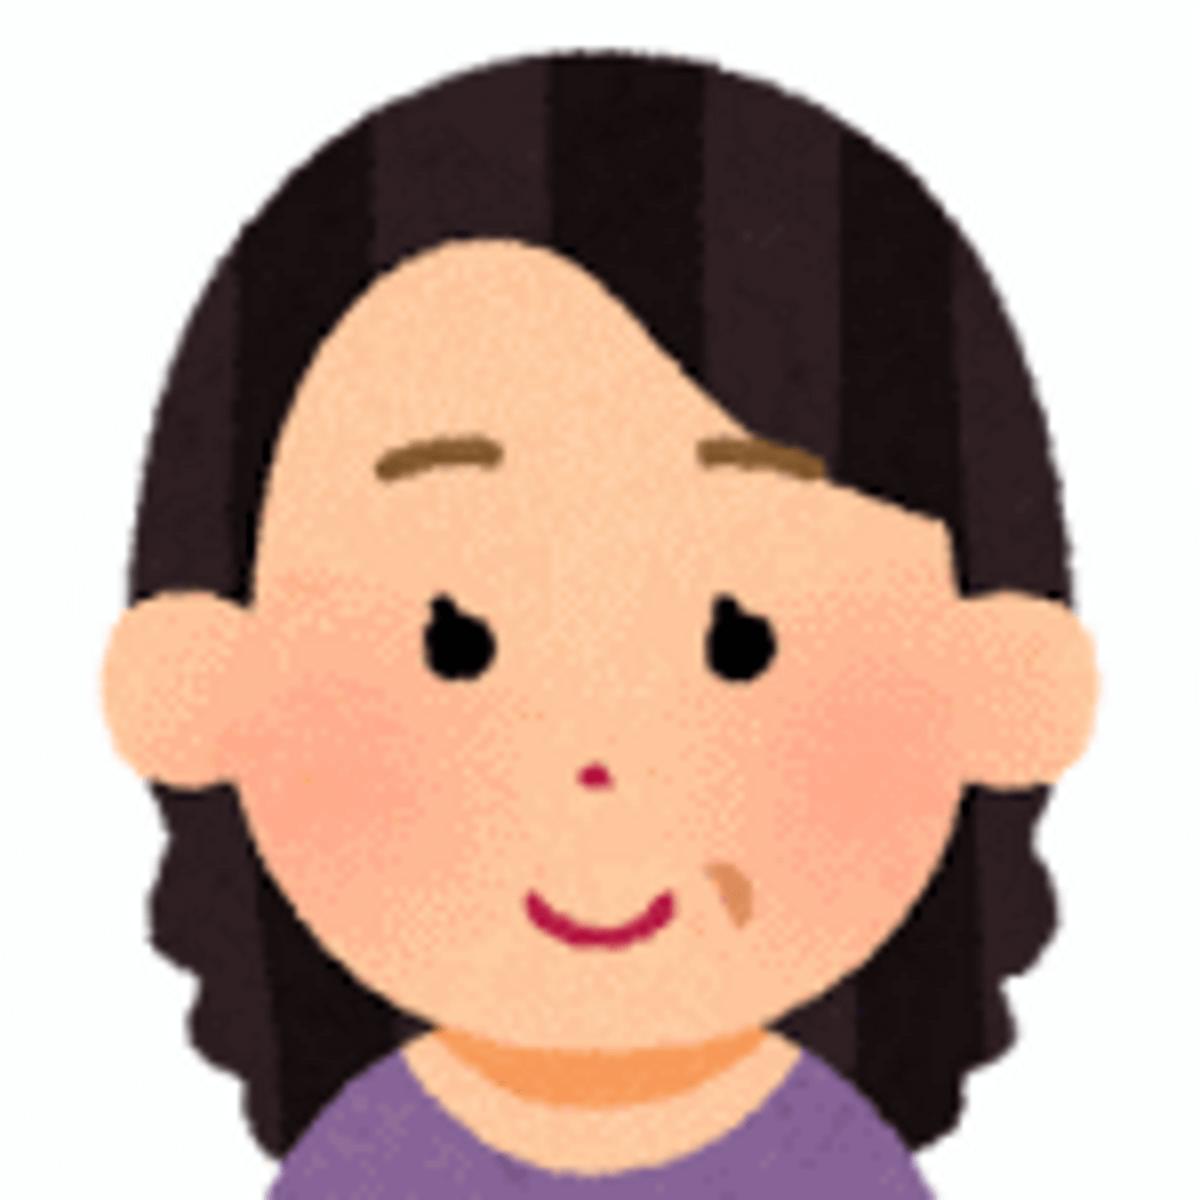 Rさん:埼玉県40代女性のイラスト